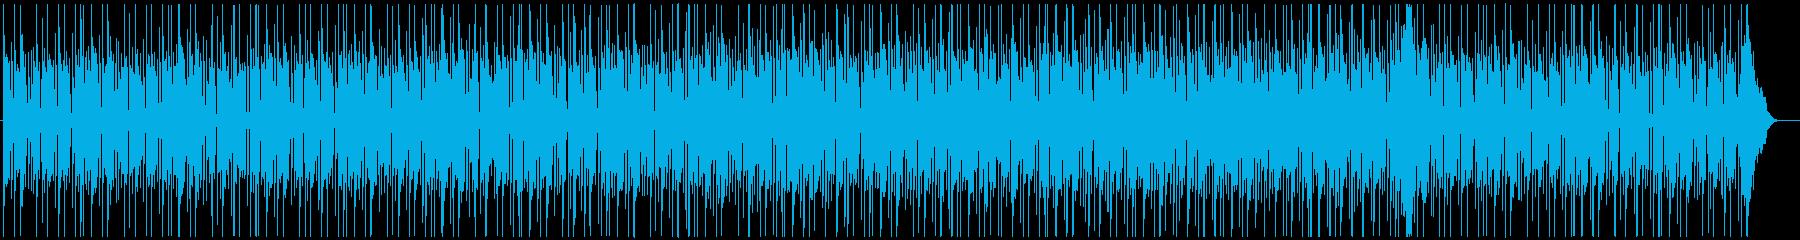 ピコピコしたゲーム風サウンドの再生済みの波形